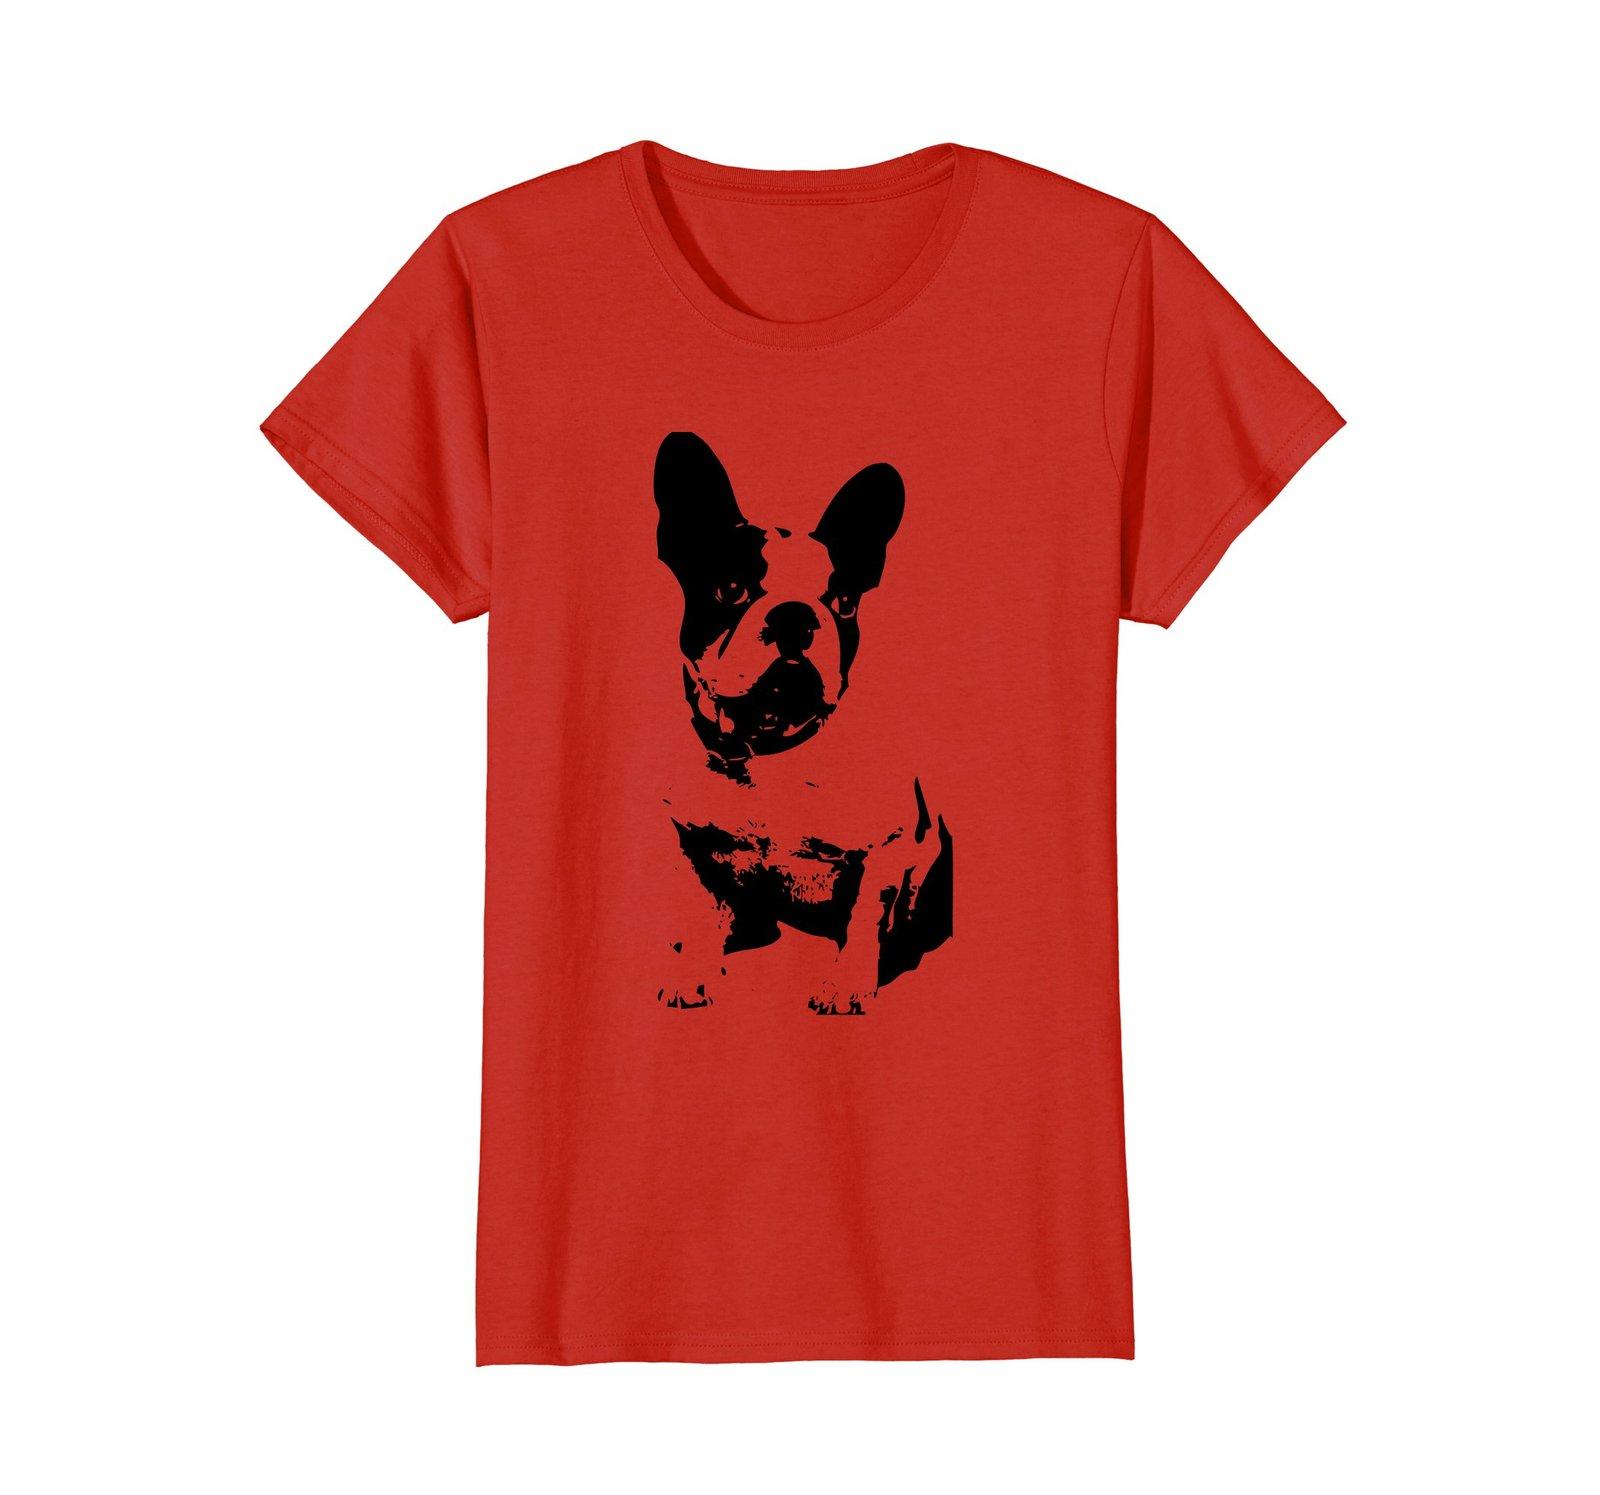 Boston Terrier Shirt For Small Dog Lovers - Boston Dog Art